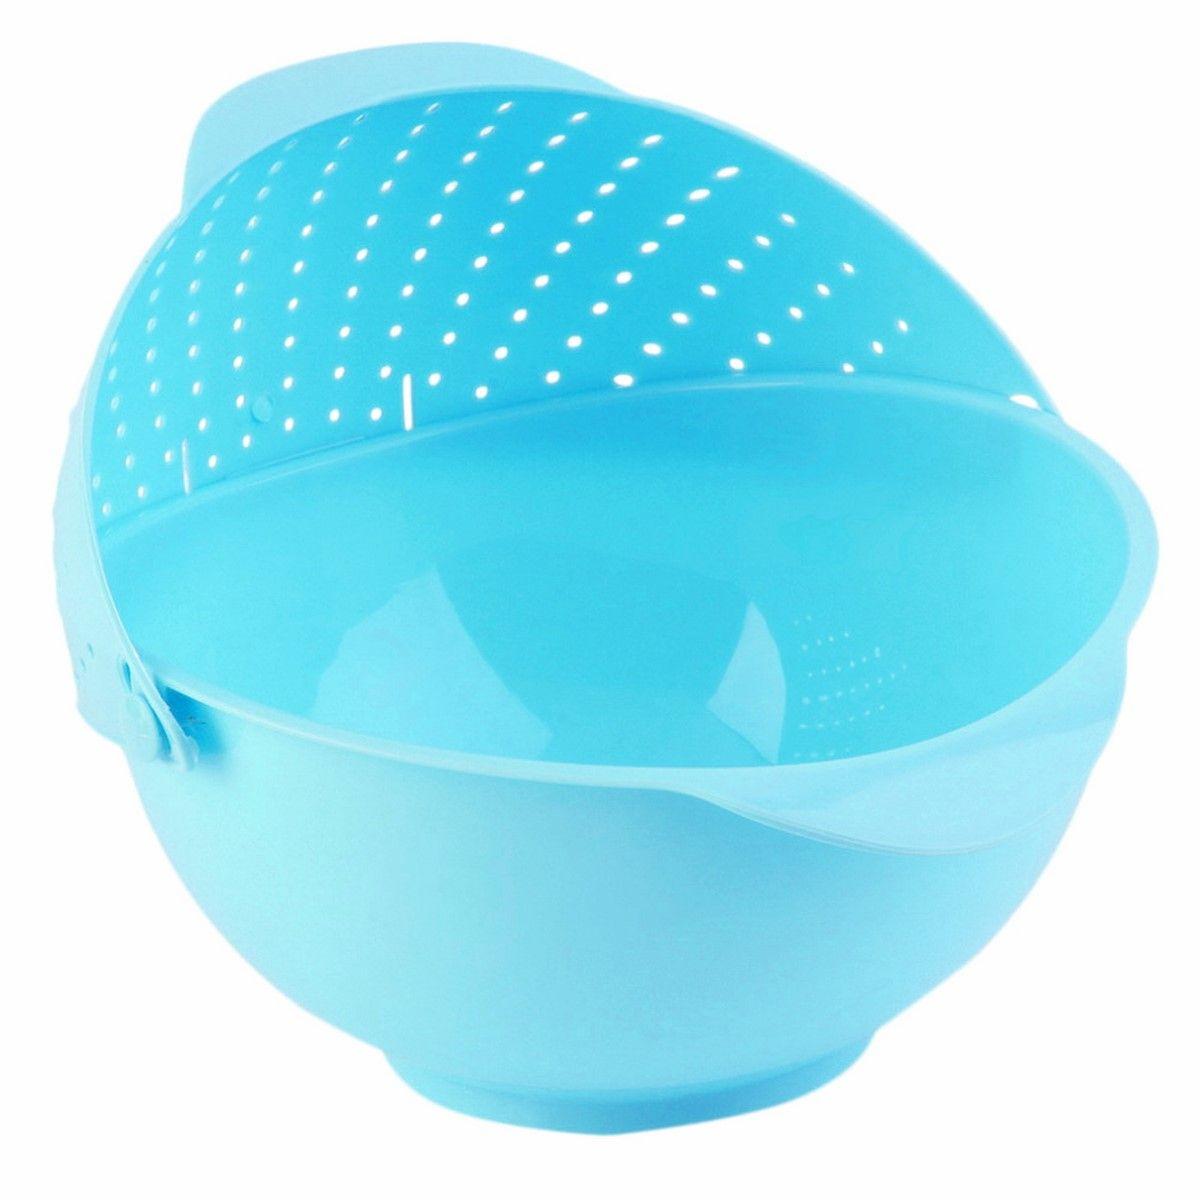 Дуршлаг-чаша Ruges Фильтрен, цвет: синий, 27 х 25 х 11 смK-61Ruges Фильтрен - это вместительная пластиковая чаша с перекидным дуршлагом на ободе. Изделие выполнено из пластика. Удобство в том, что пусть вы собрали фрукты в чашу – заливайте в ней же водой, мойте и сливайте воду, наклонив чашу в сторону дуршлага. То же самое с зеленью или замоченными крупами. Размеры: 27 х 25 х 11 см.Объем: 2,7 л.Вес: 175 г.